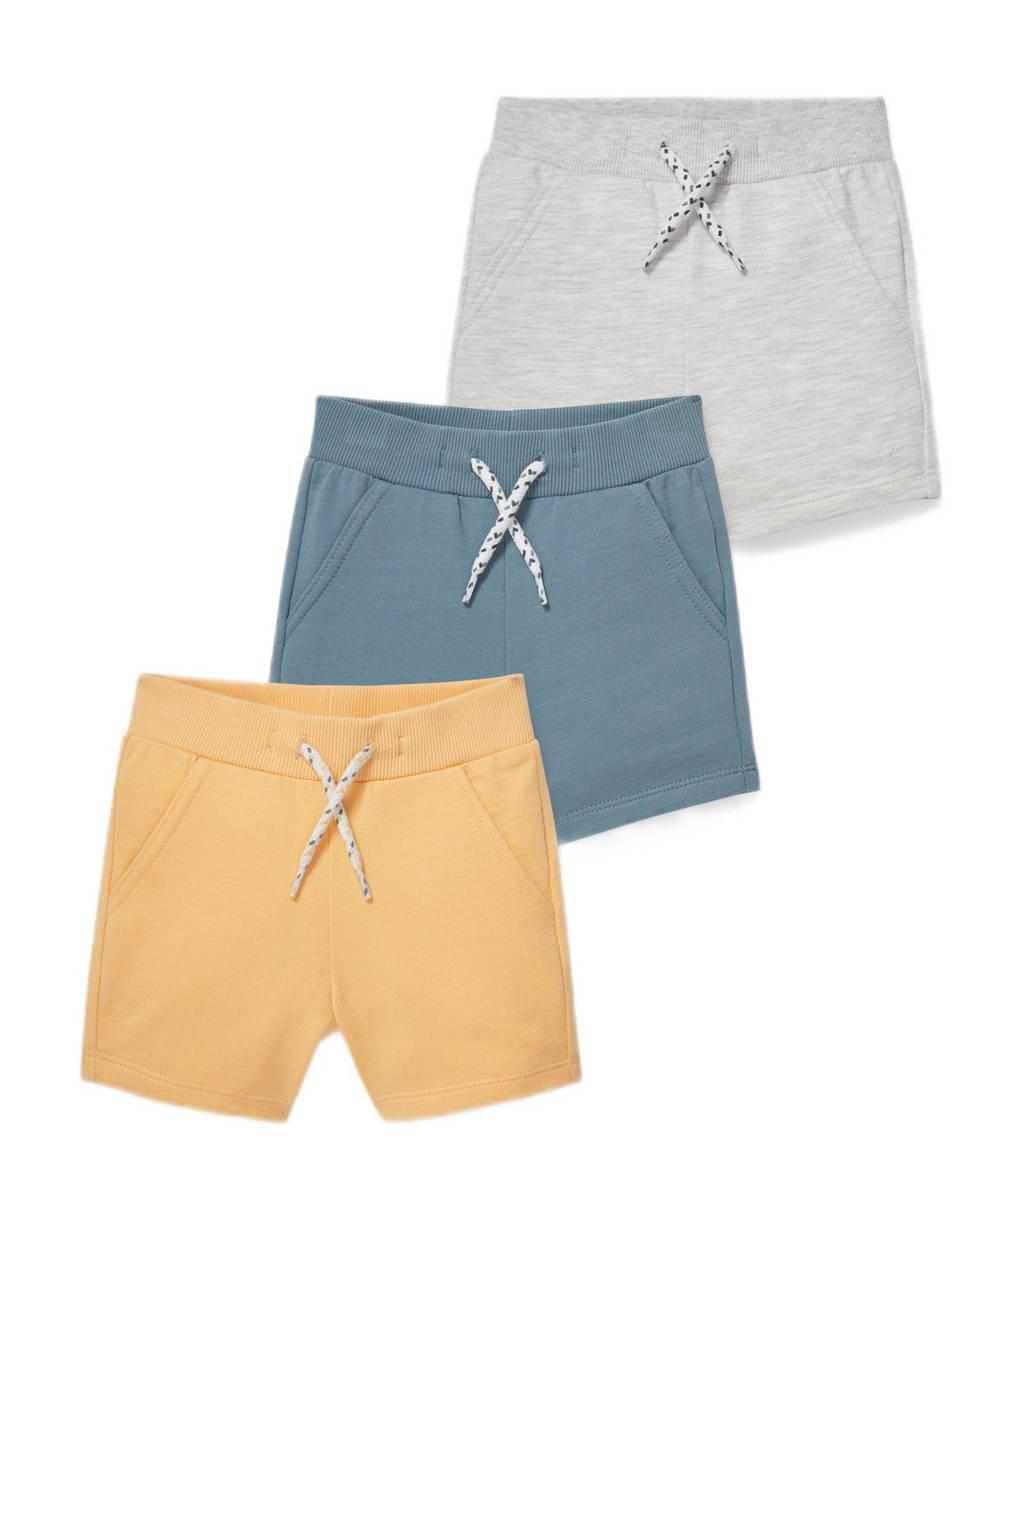 C&A Baby Club sweatshort - set van 3 geel/blauw/grijs